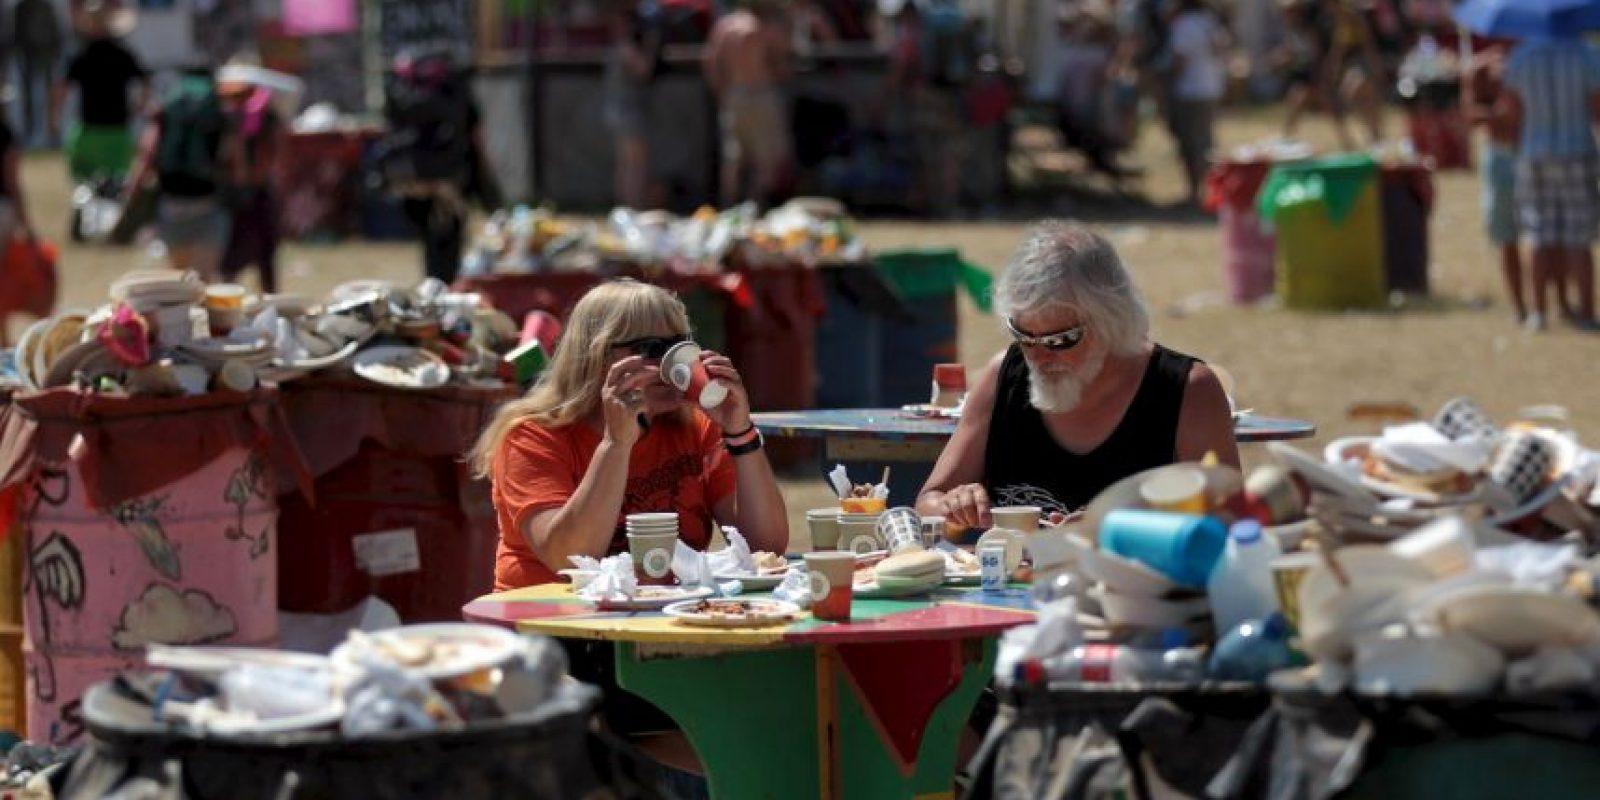 El porcentaje calculado de alimento desperdiciado por los daneses es de 660 kilogramos por persona al año. Foto:Getty Images